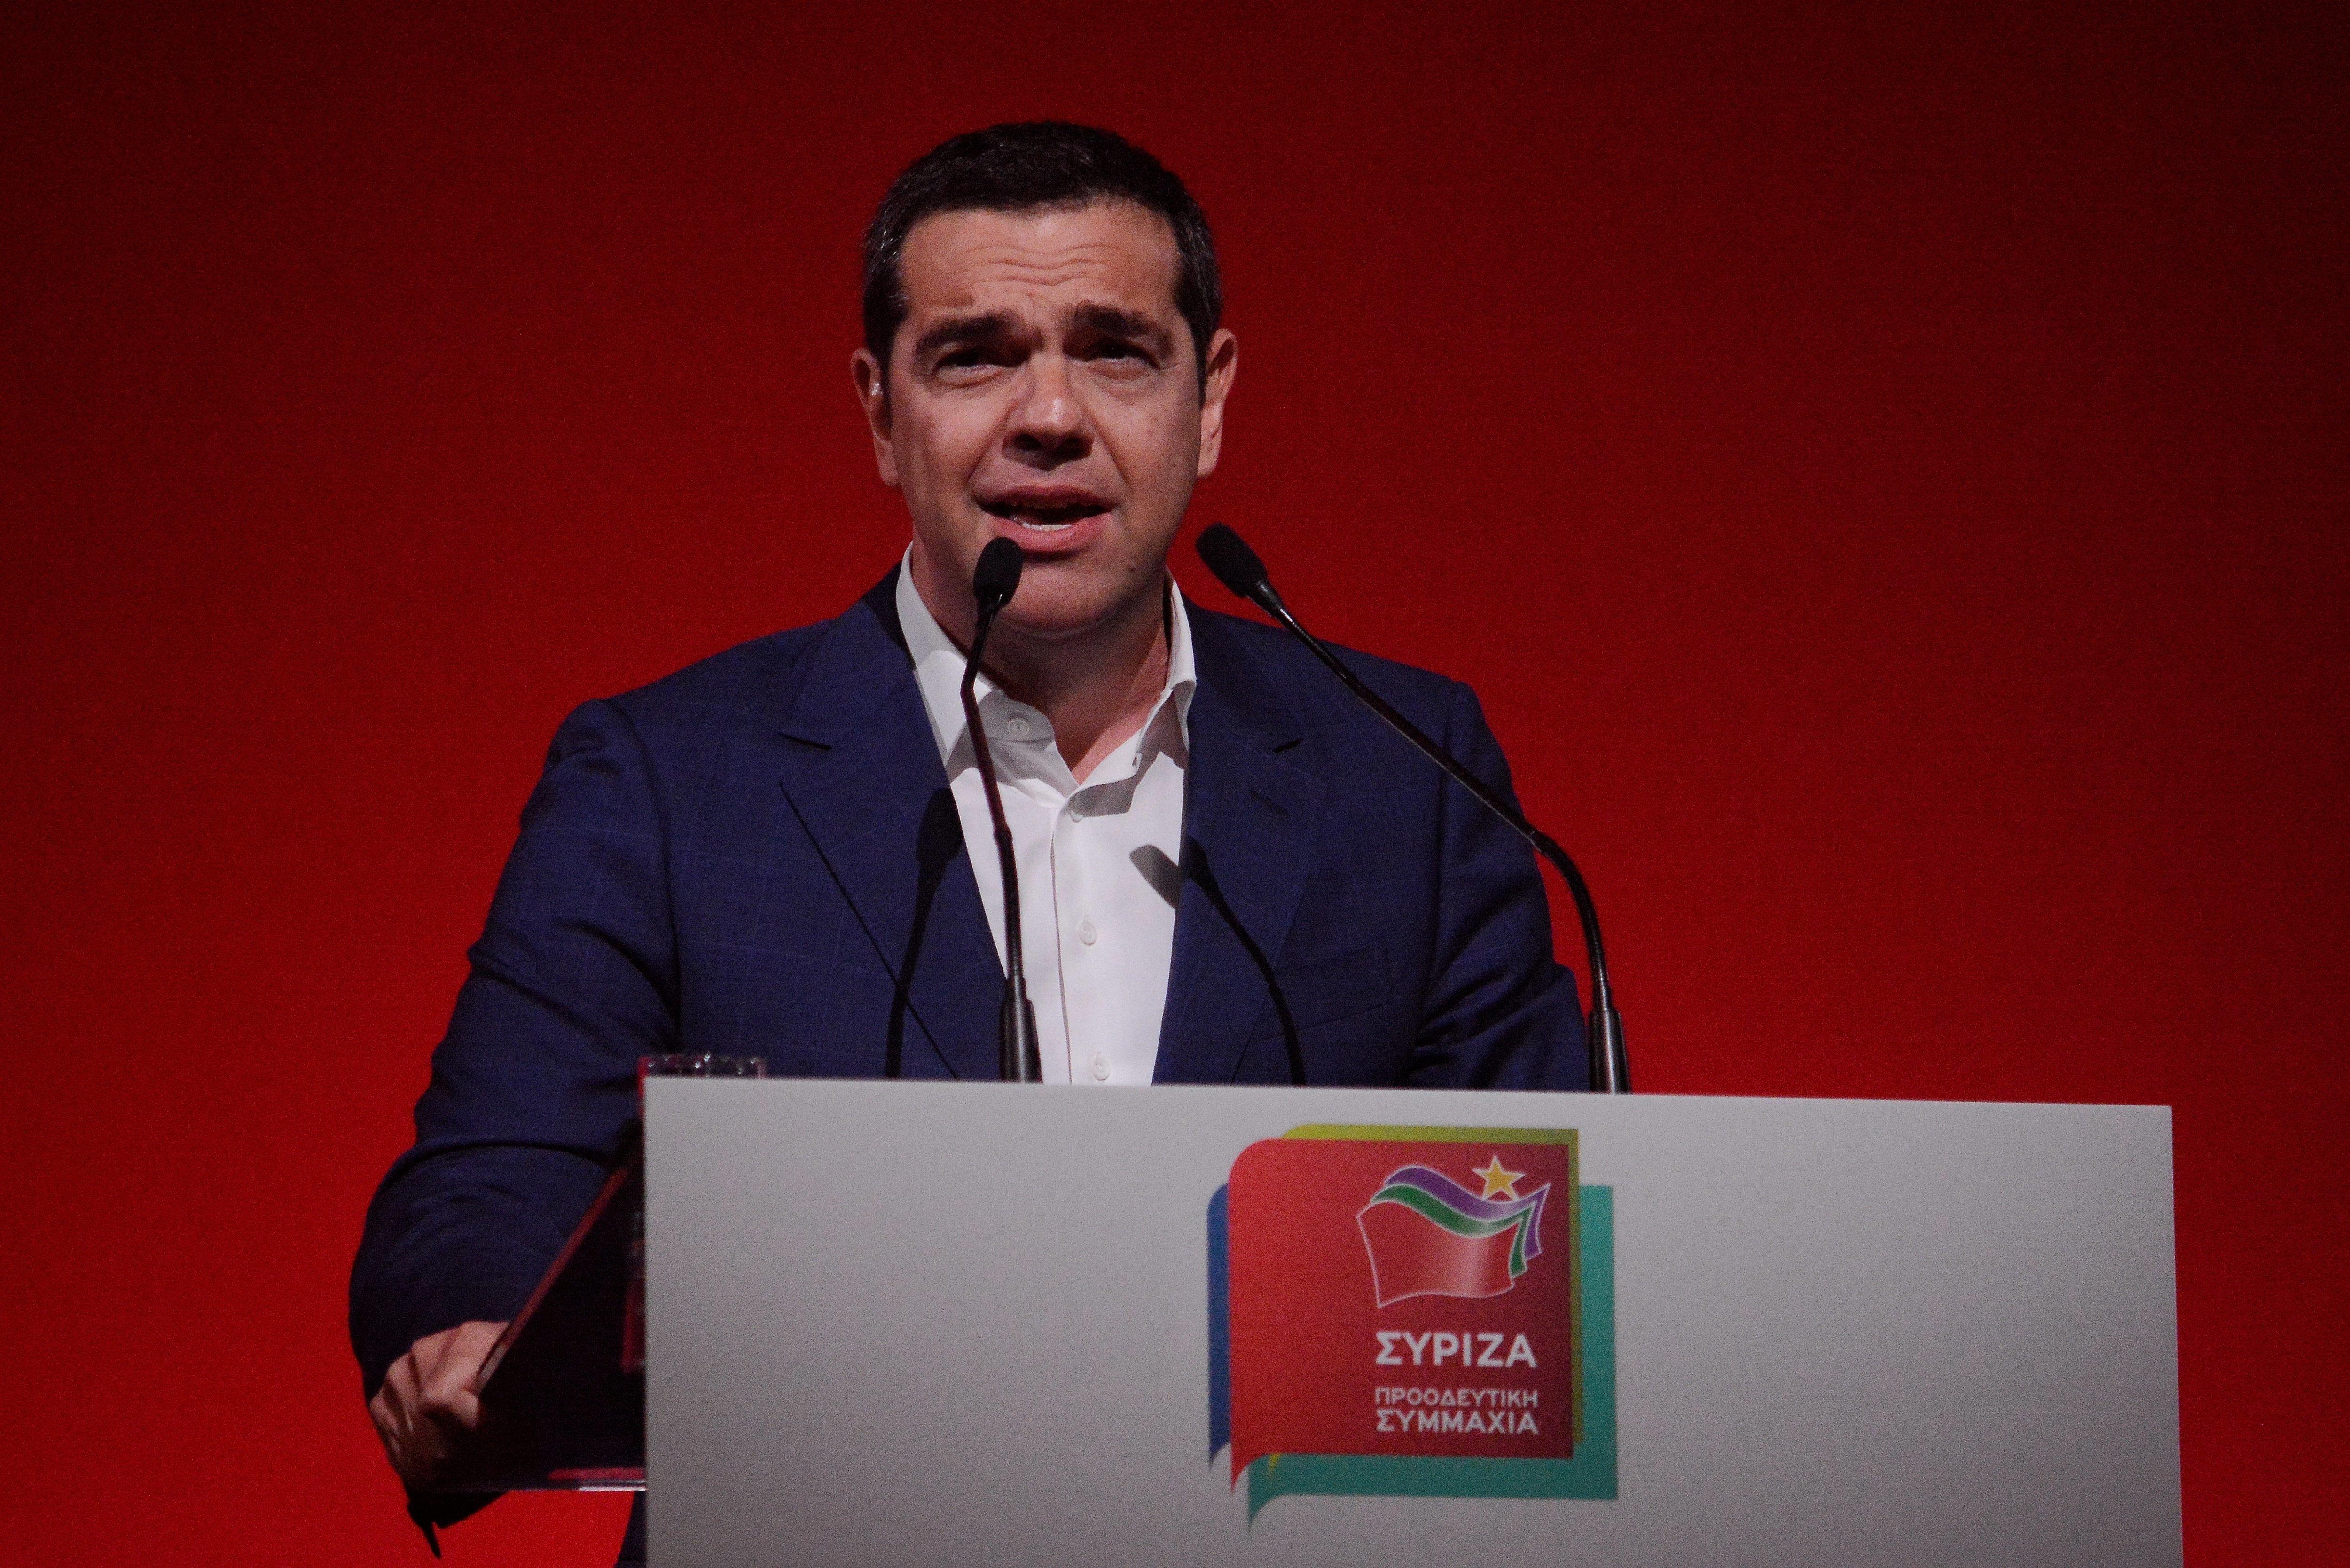 ΣΥΡΙΖΑ: Η λίστα με τα ονόματα της Εκλογικής Επιτροπής ενόψει